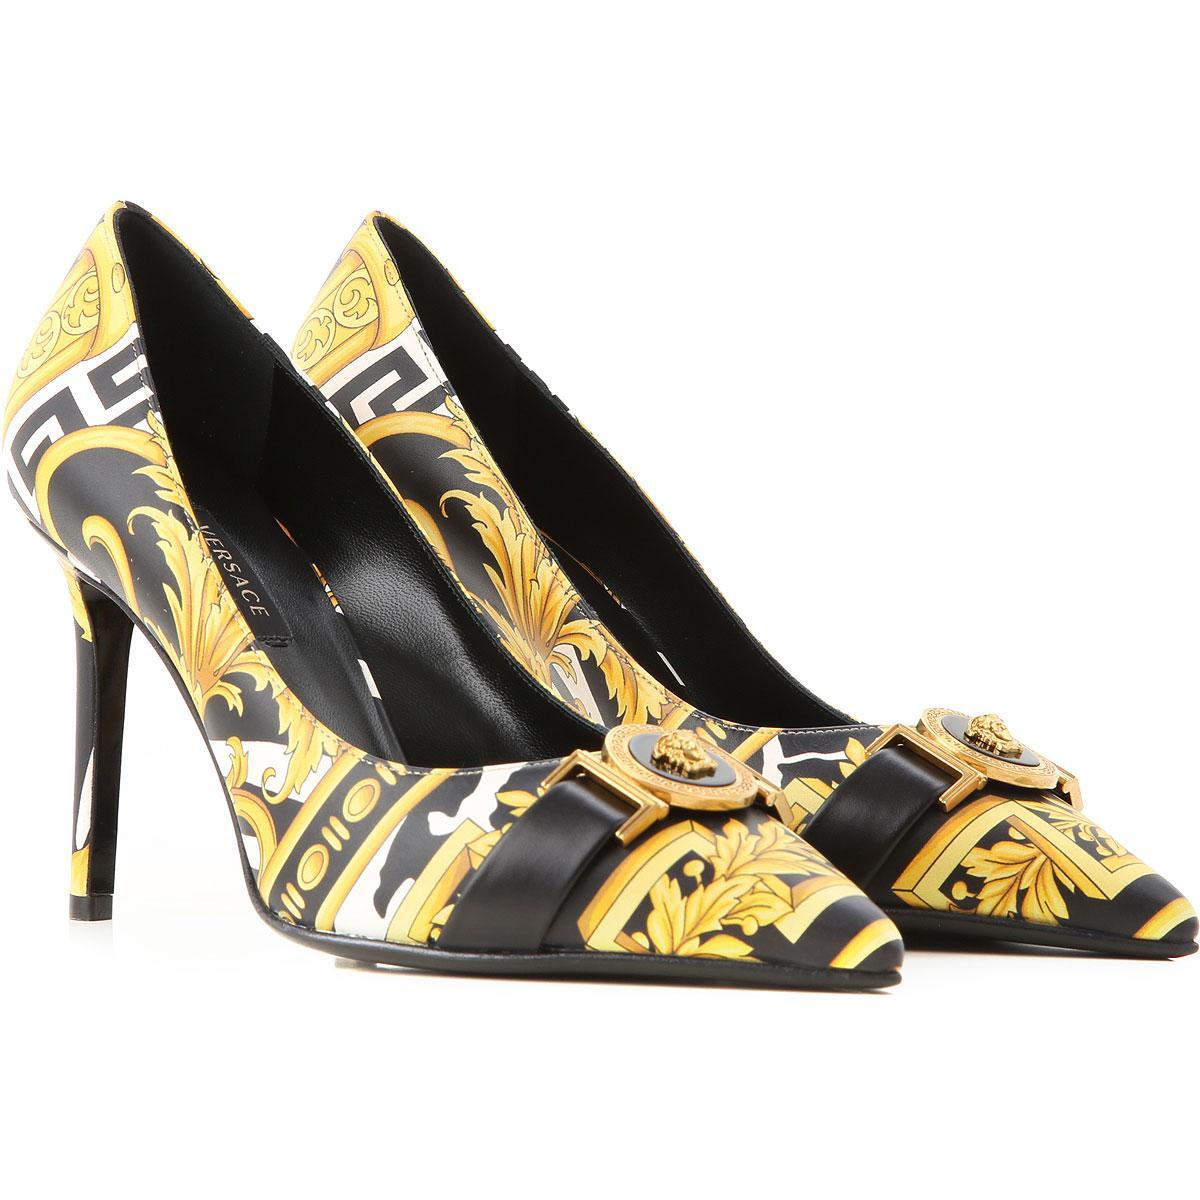 Versace Pumps \u0026 High Heels For Women On